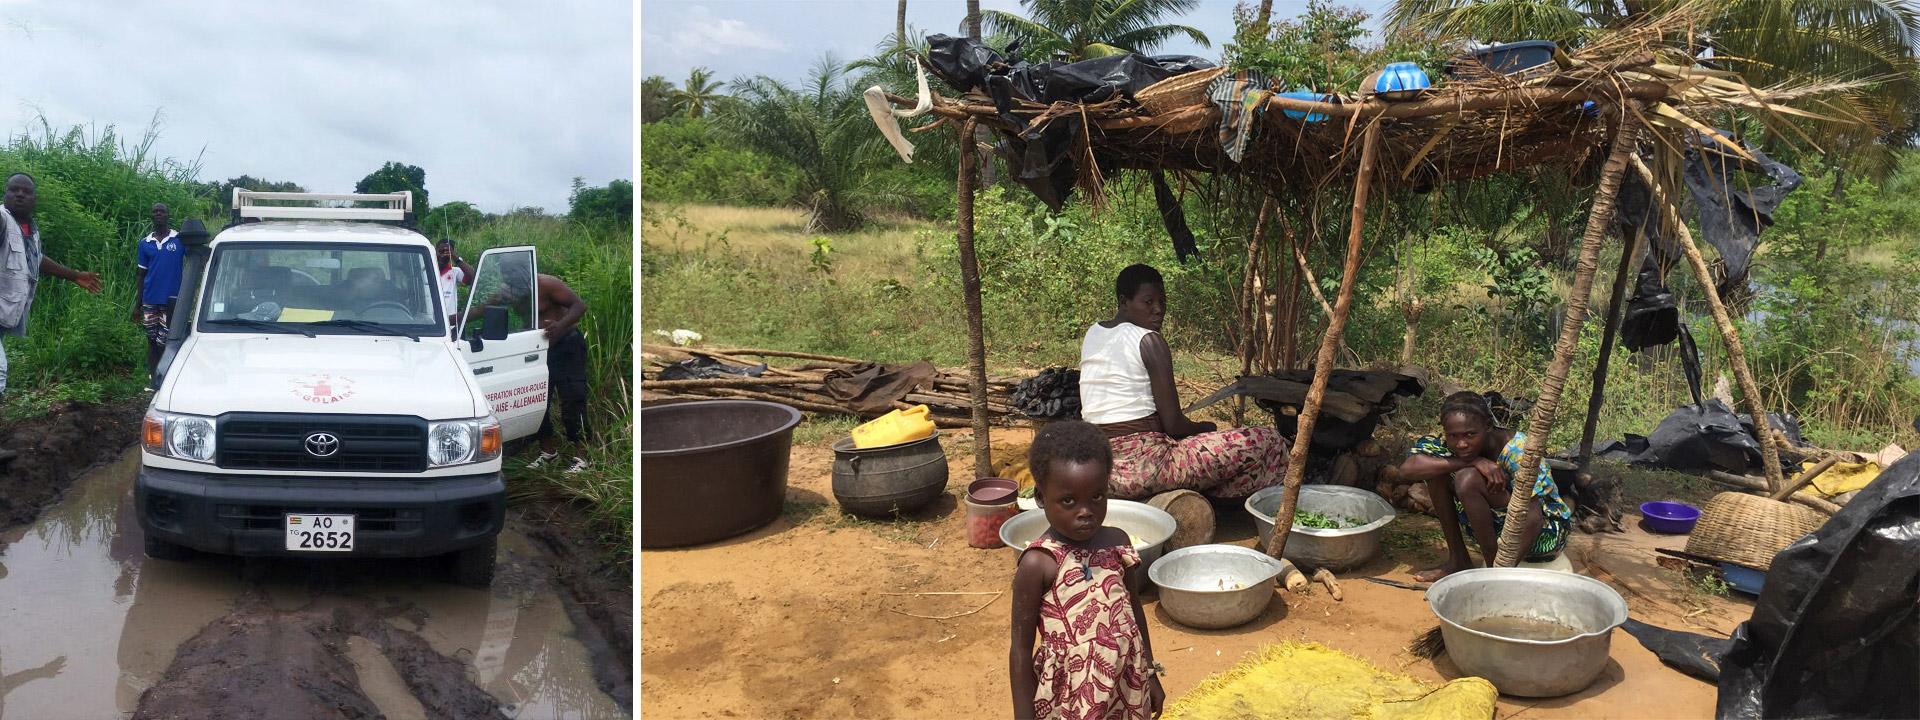 Foto-Collage: ein Feep im Schlamm und Frauen unter einerm provisorischen Unterstand